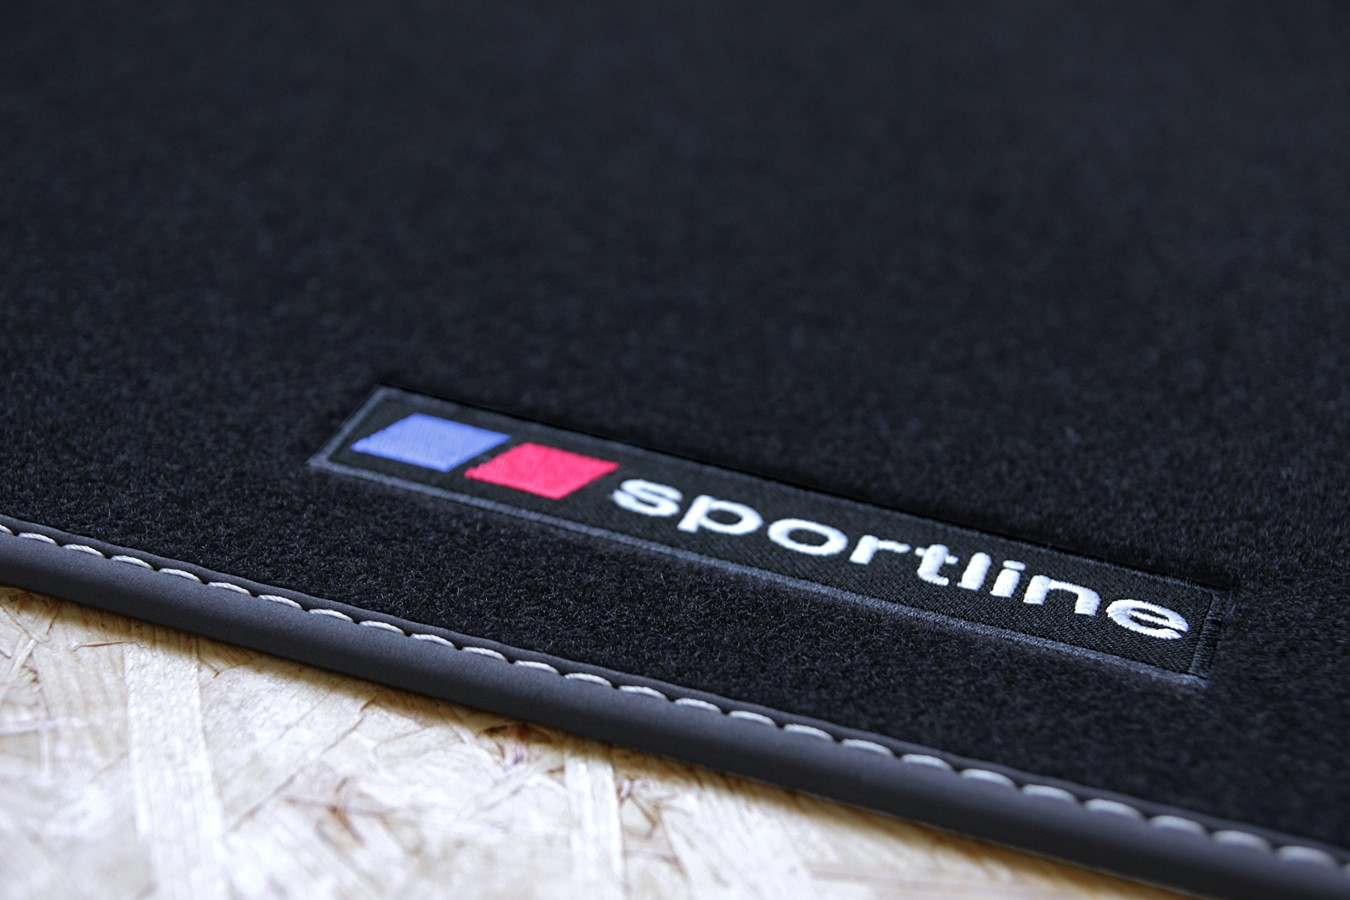 sportline tapis de sol pour bmw 1er f20 partir de l 39 an de construction 2011 ebay. Black Bedroom Furniture Sets. Home Design Ideas